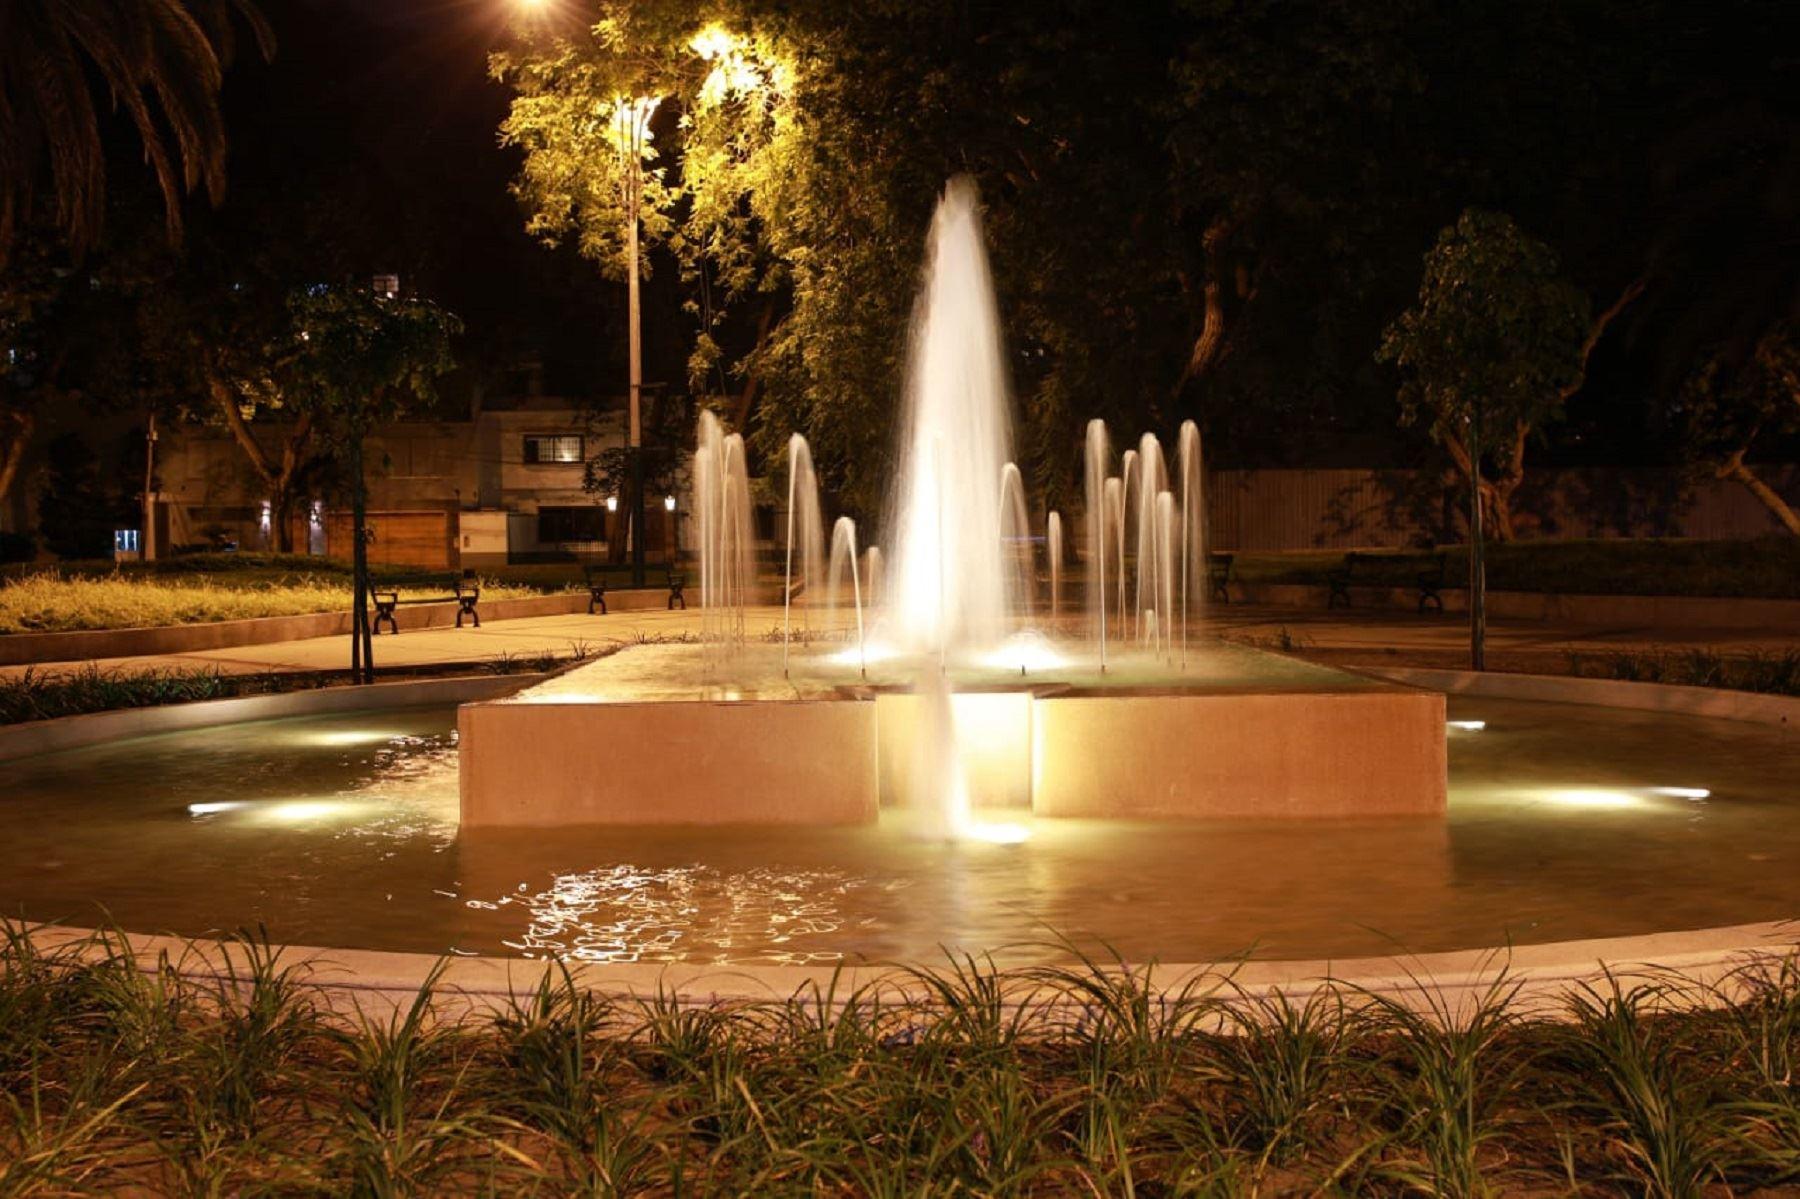 Diecisiete fuentes ornamentales vuelven a embellecer el distrito de San Isidro . Foto: Difusión